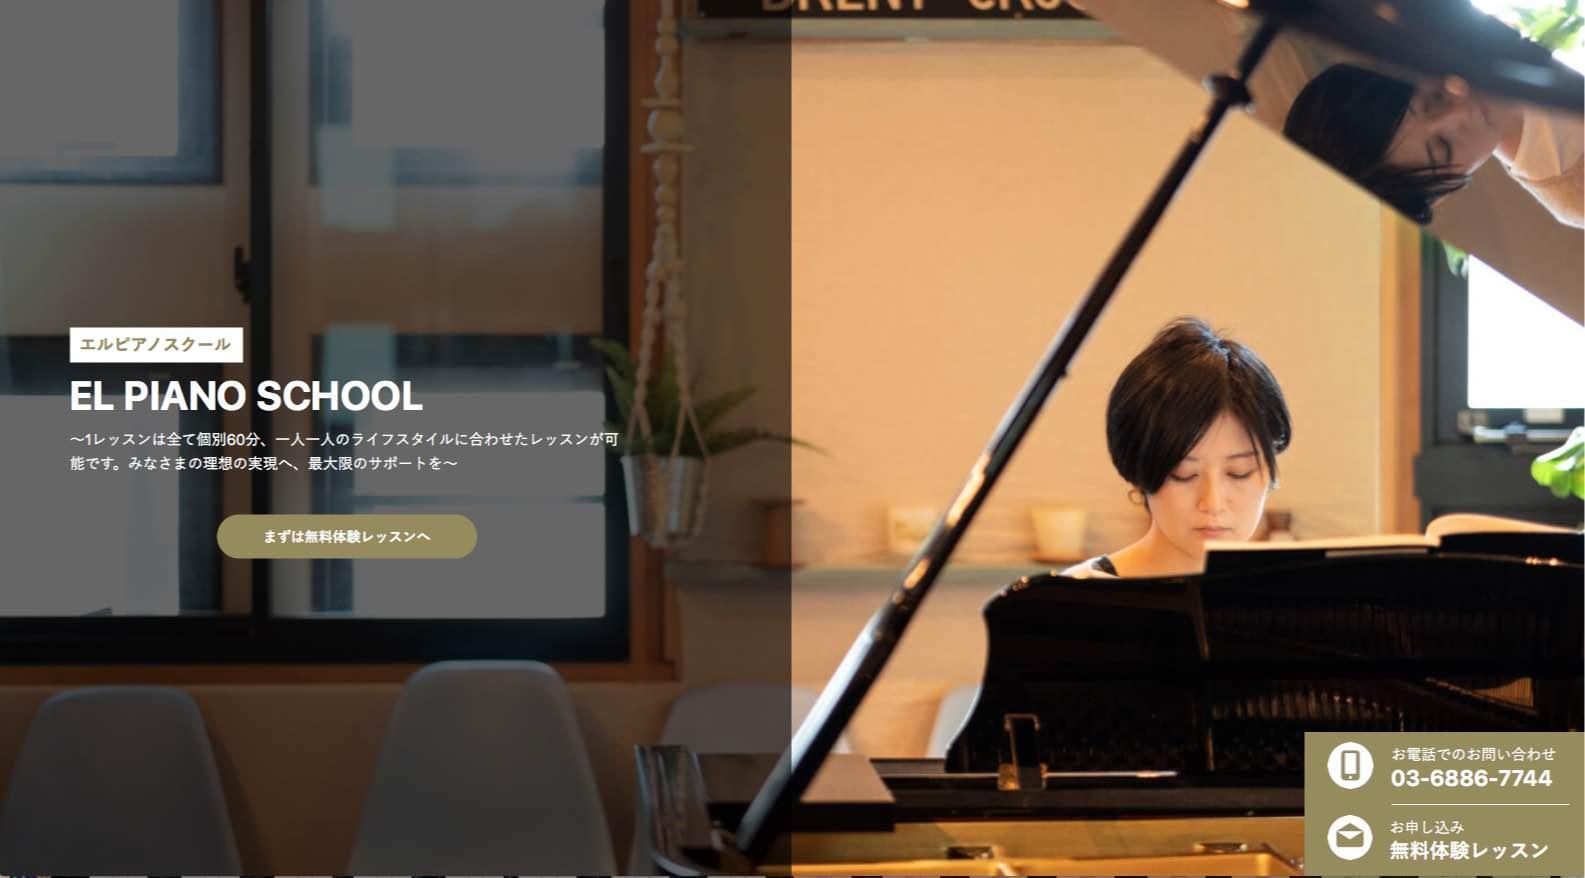 エルピアノスクール 杉並区・高井戸ピアノ教室